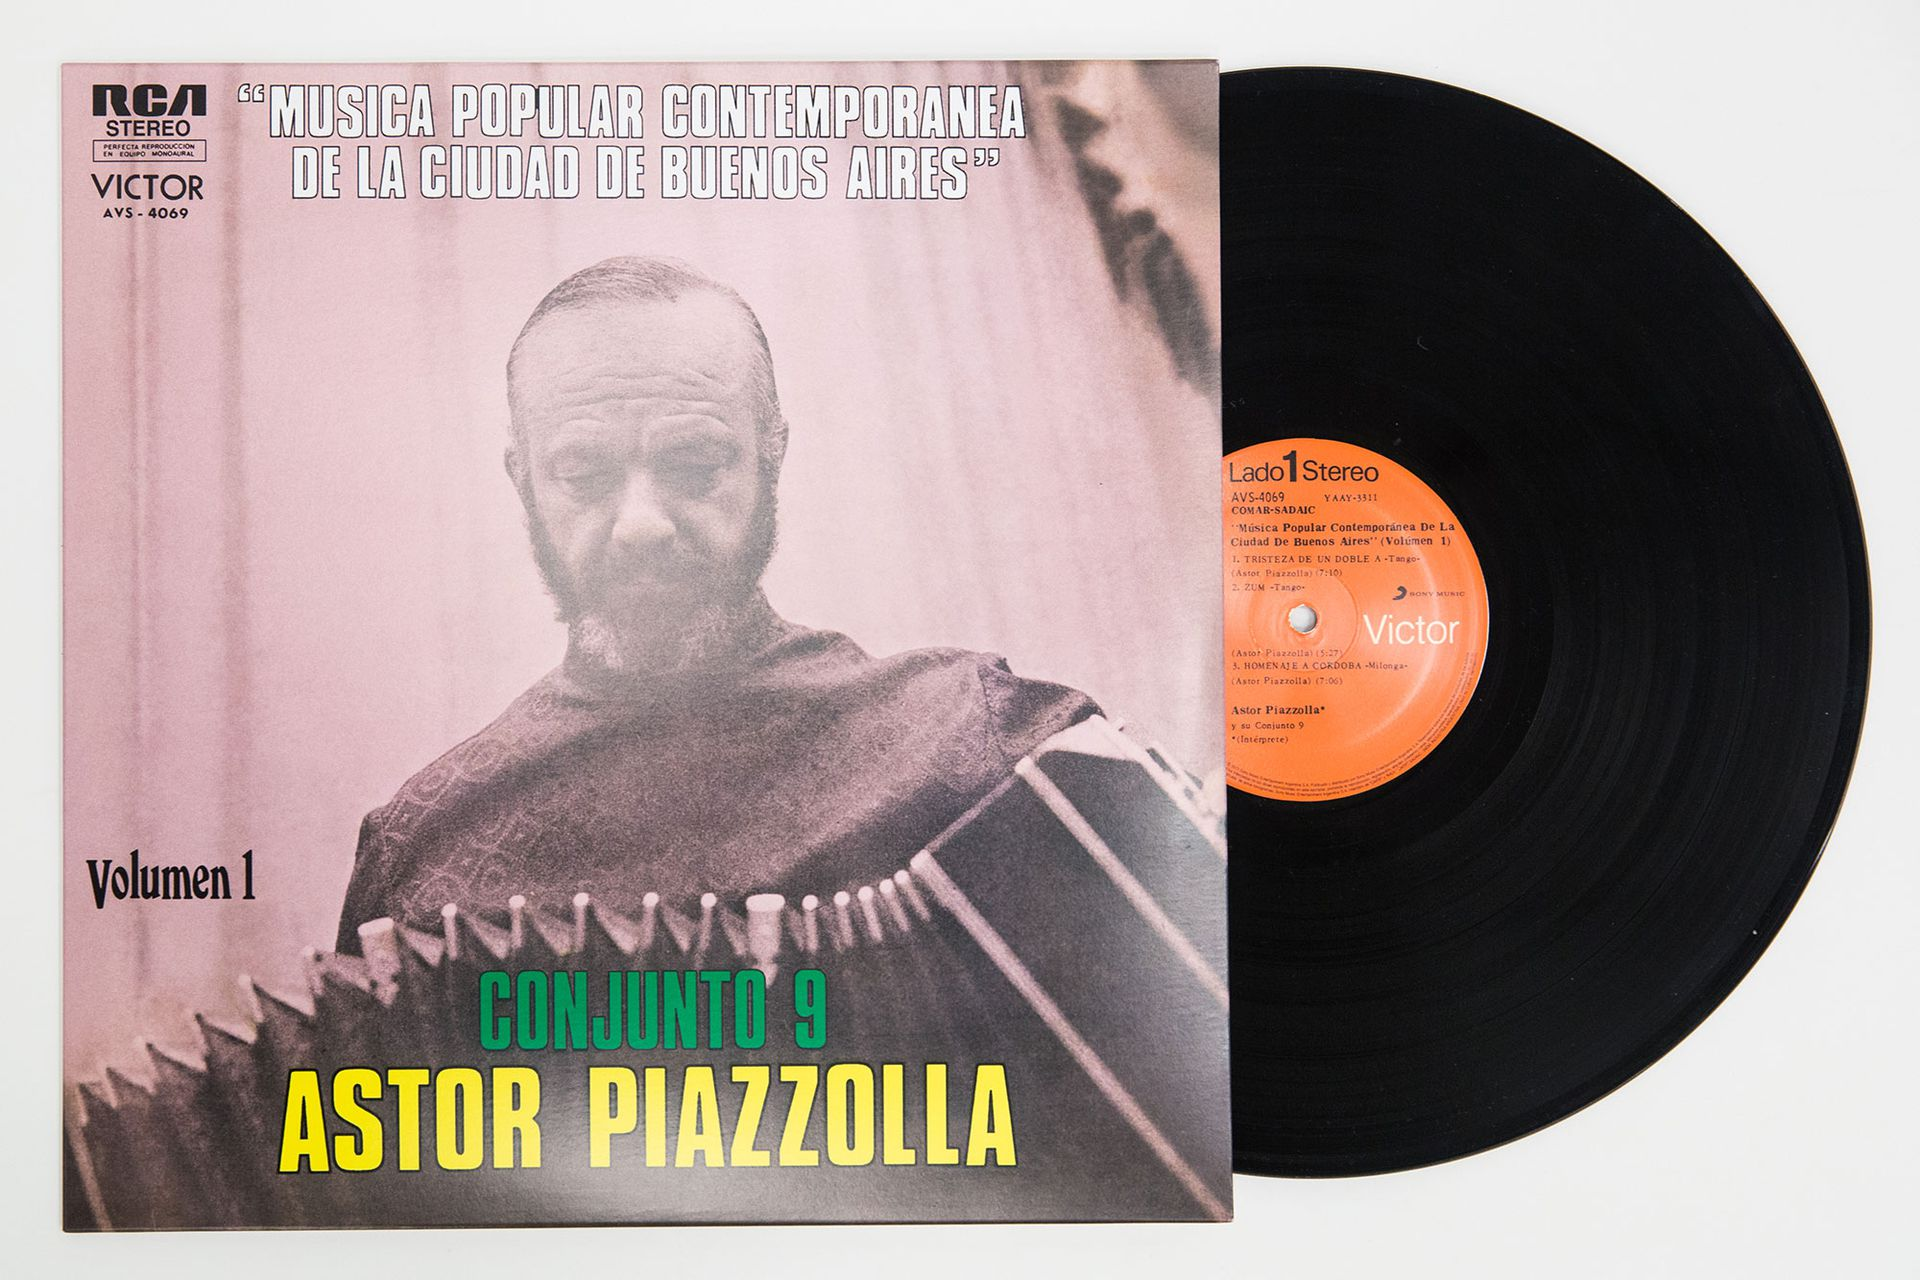 Astor Piazzolla Conjunto 9 - Música Popular Contemporánea de la Ciudad de Buenos Aires Vol. 1